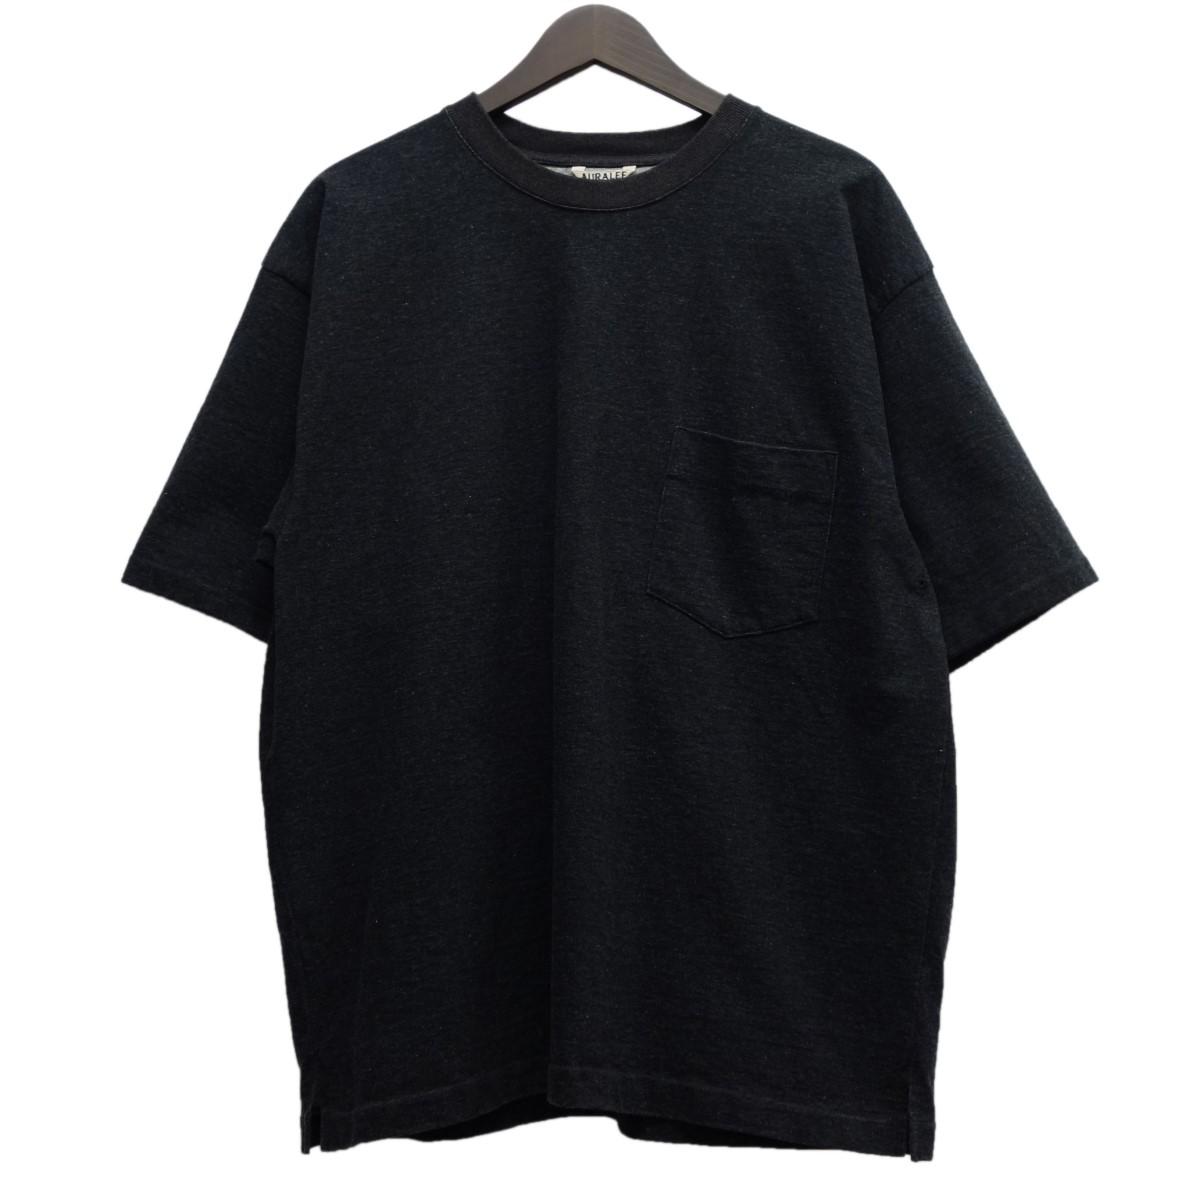 【中古】AURALEE 16AW「STAND UP TEE」ADAM ET ROPE別注 スタンドアップTシャツ インクブラック サイズ:4 【060420】(オーラリー)